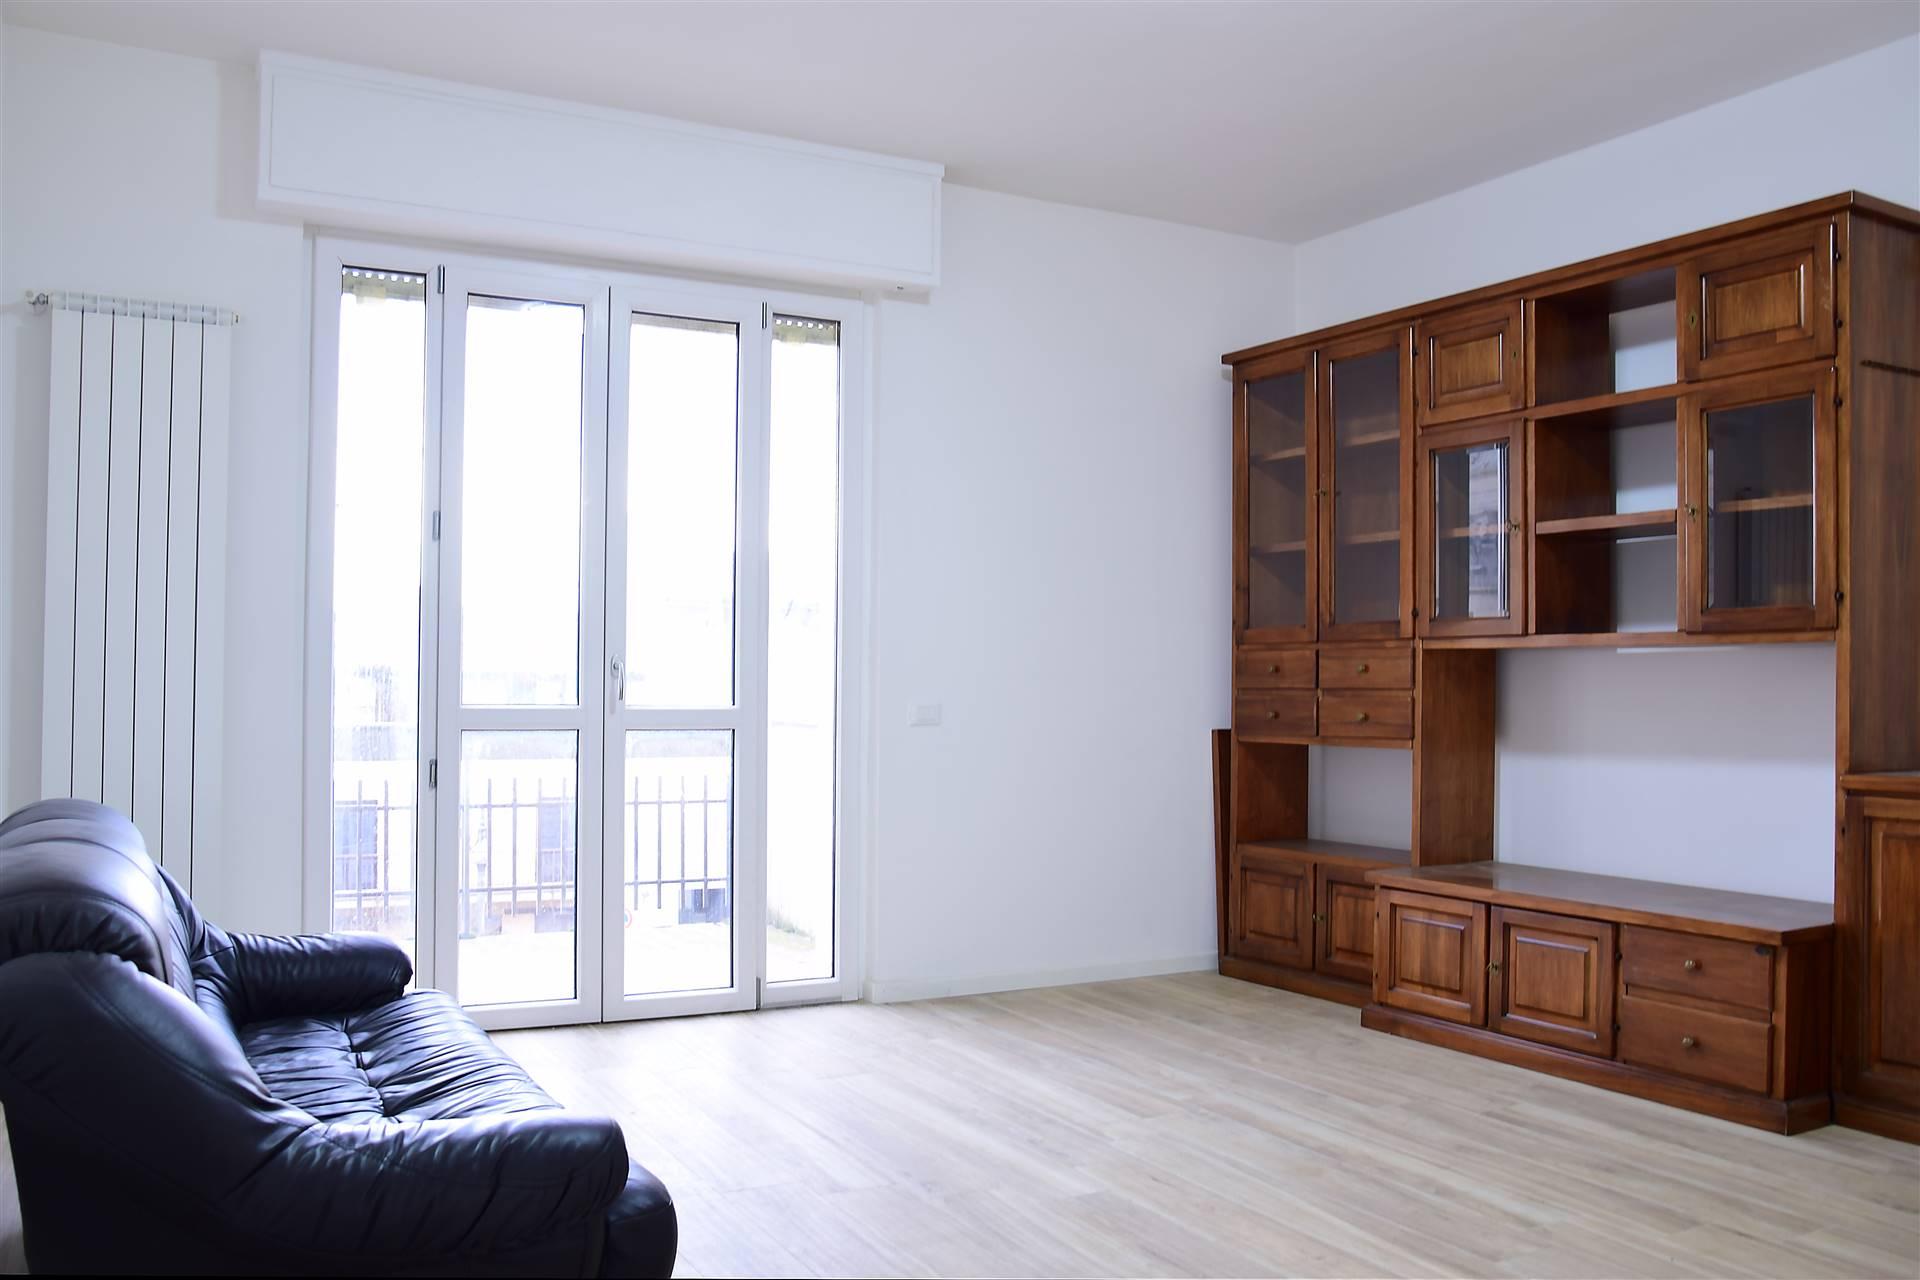 Appartamento in vendita a Pontirolo Nuovo, 3 locali, prezzo € 125.000 | PortaleAgenzieImmobiliari.it